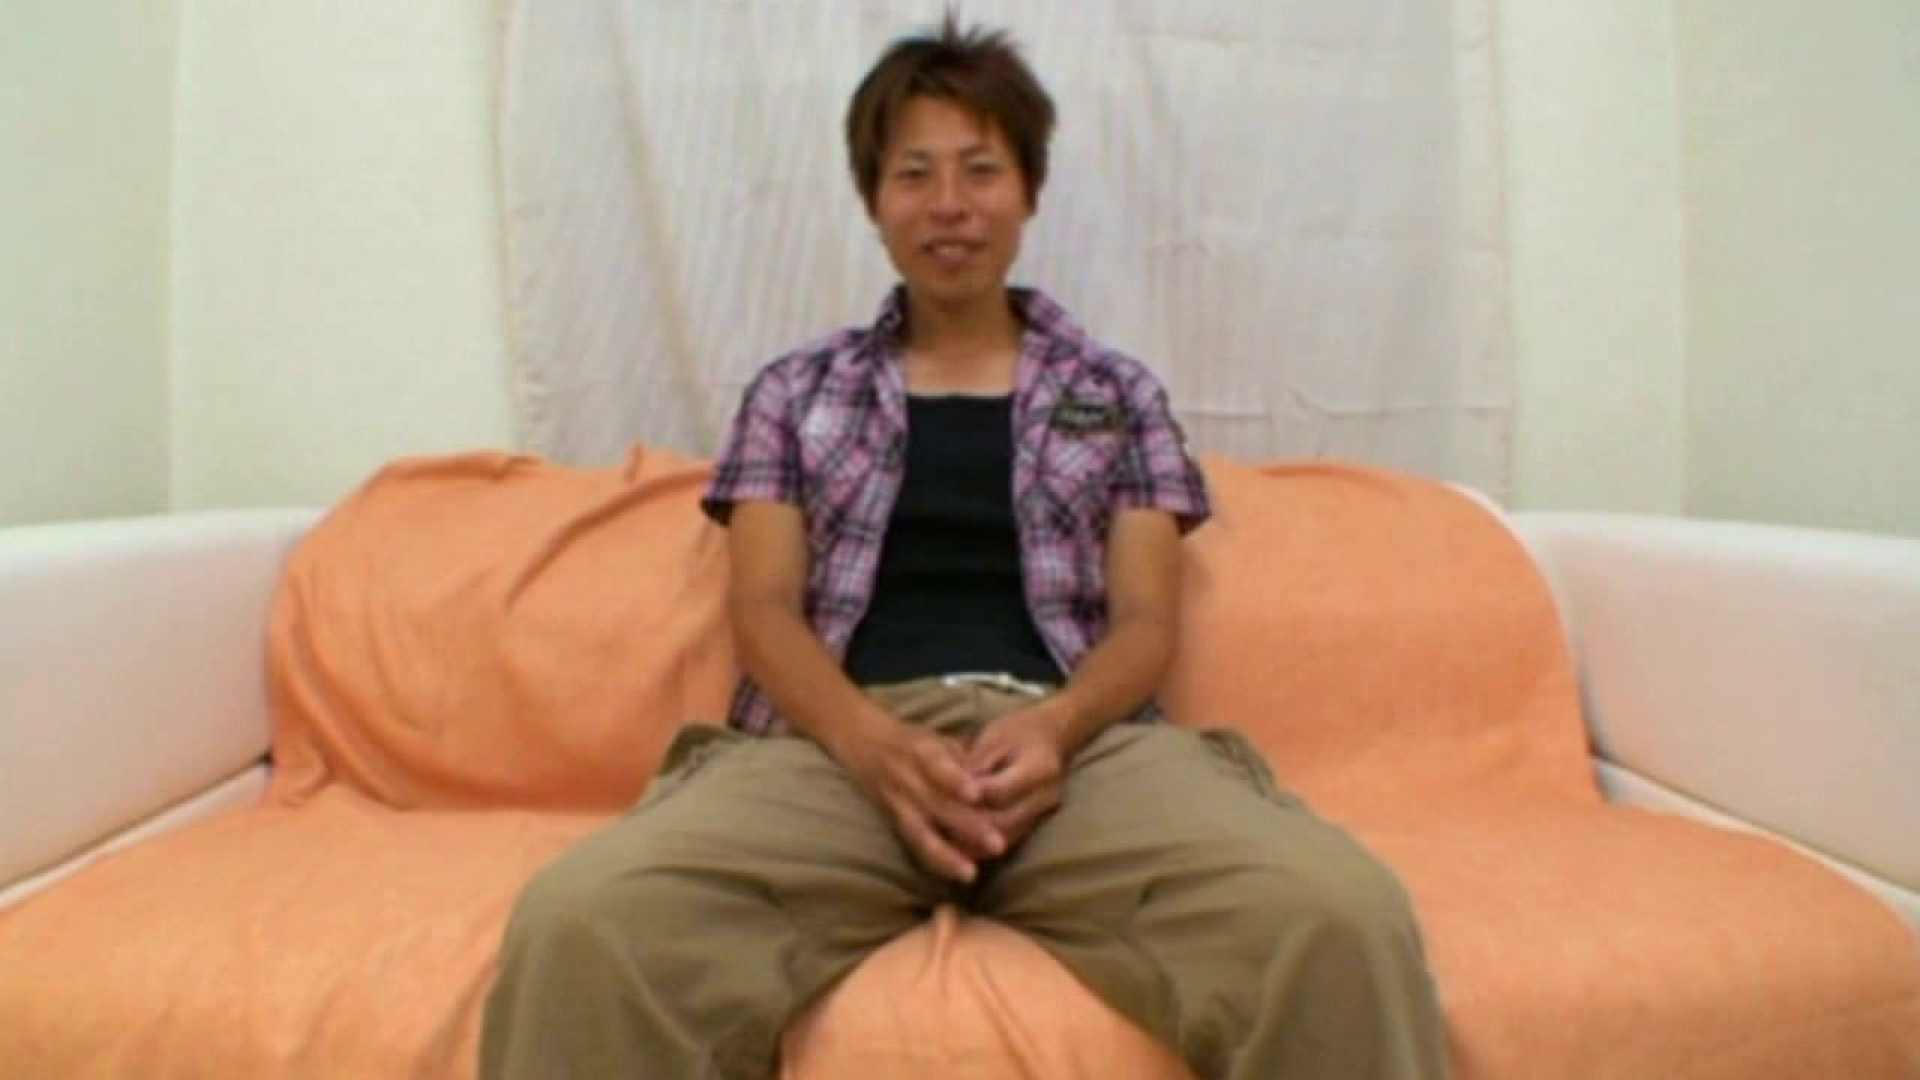 ノンケ!自慰スタジオ No.10 オナニー ゲイセックス画像 83pic 38